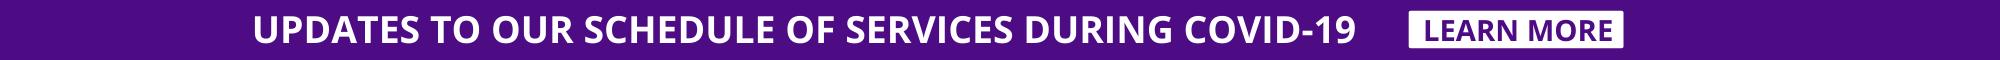 WEB Updates Banner